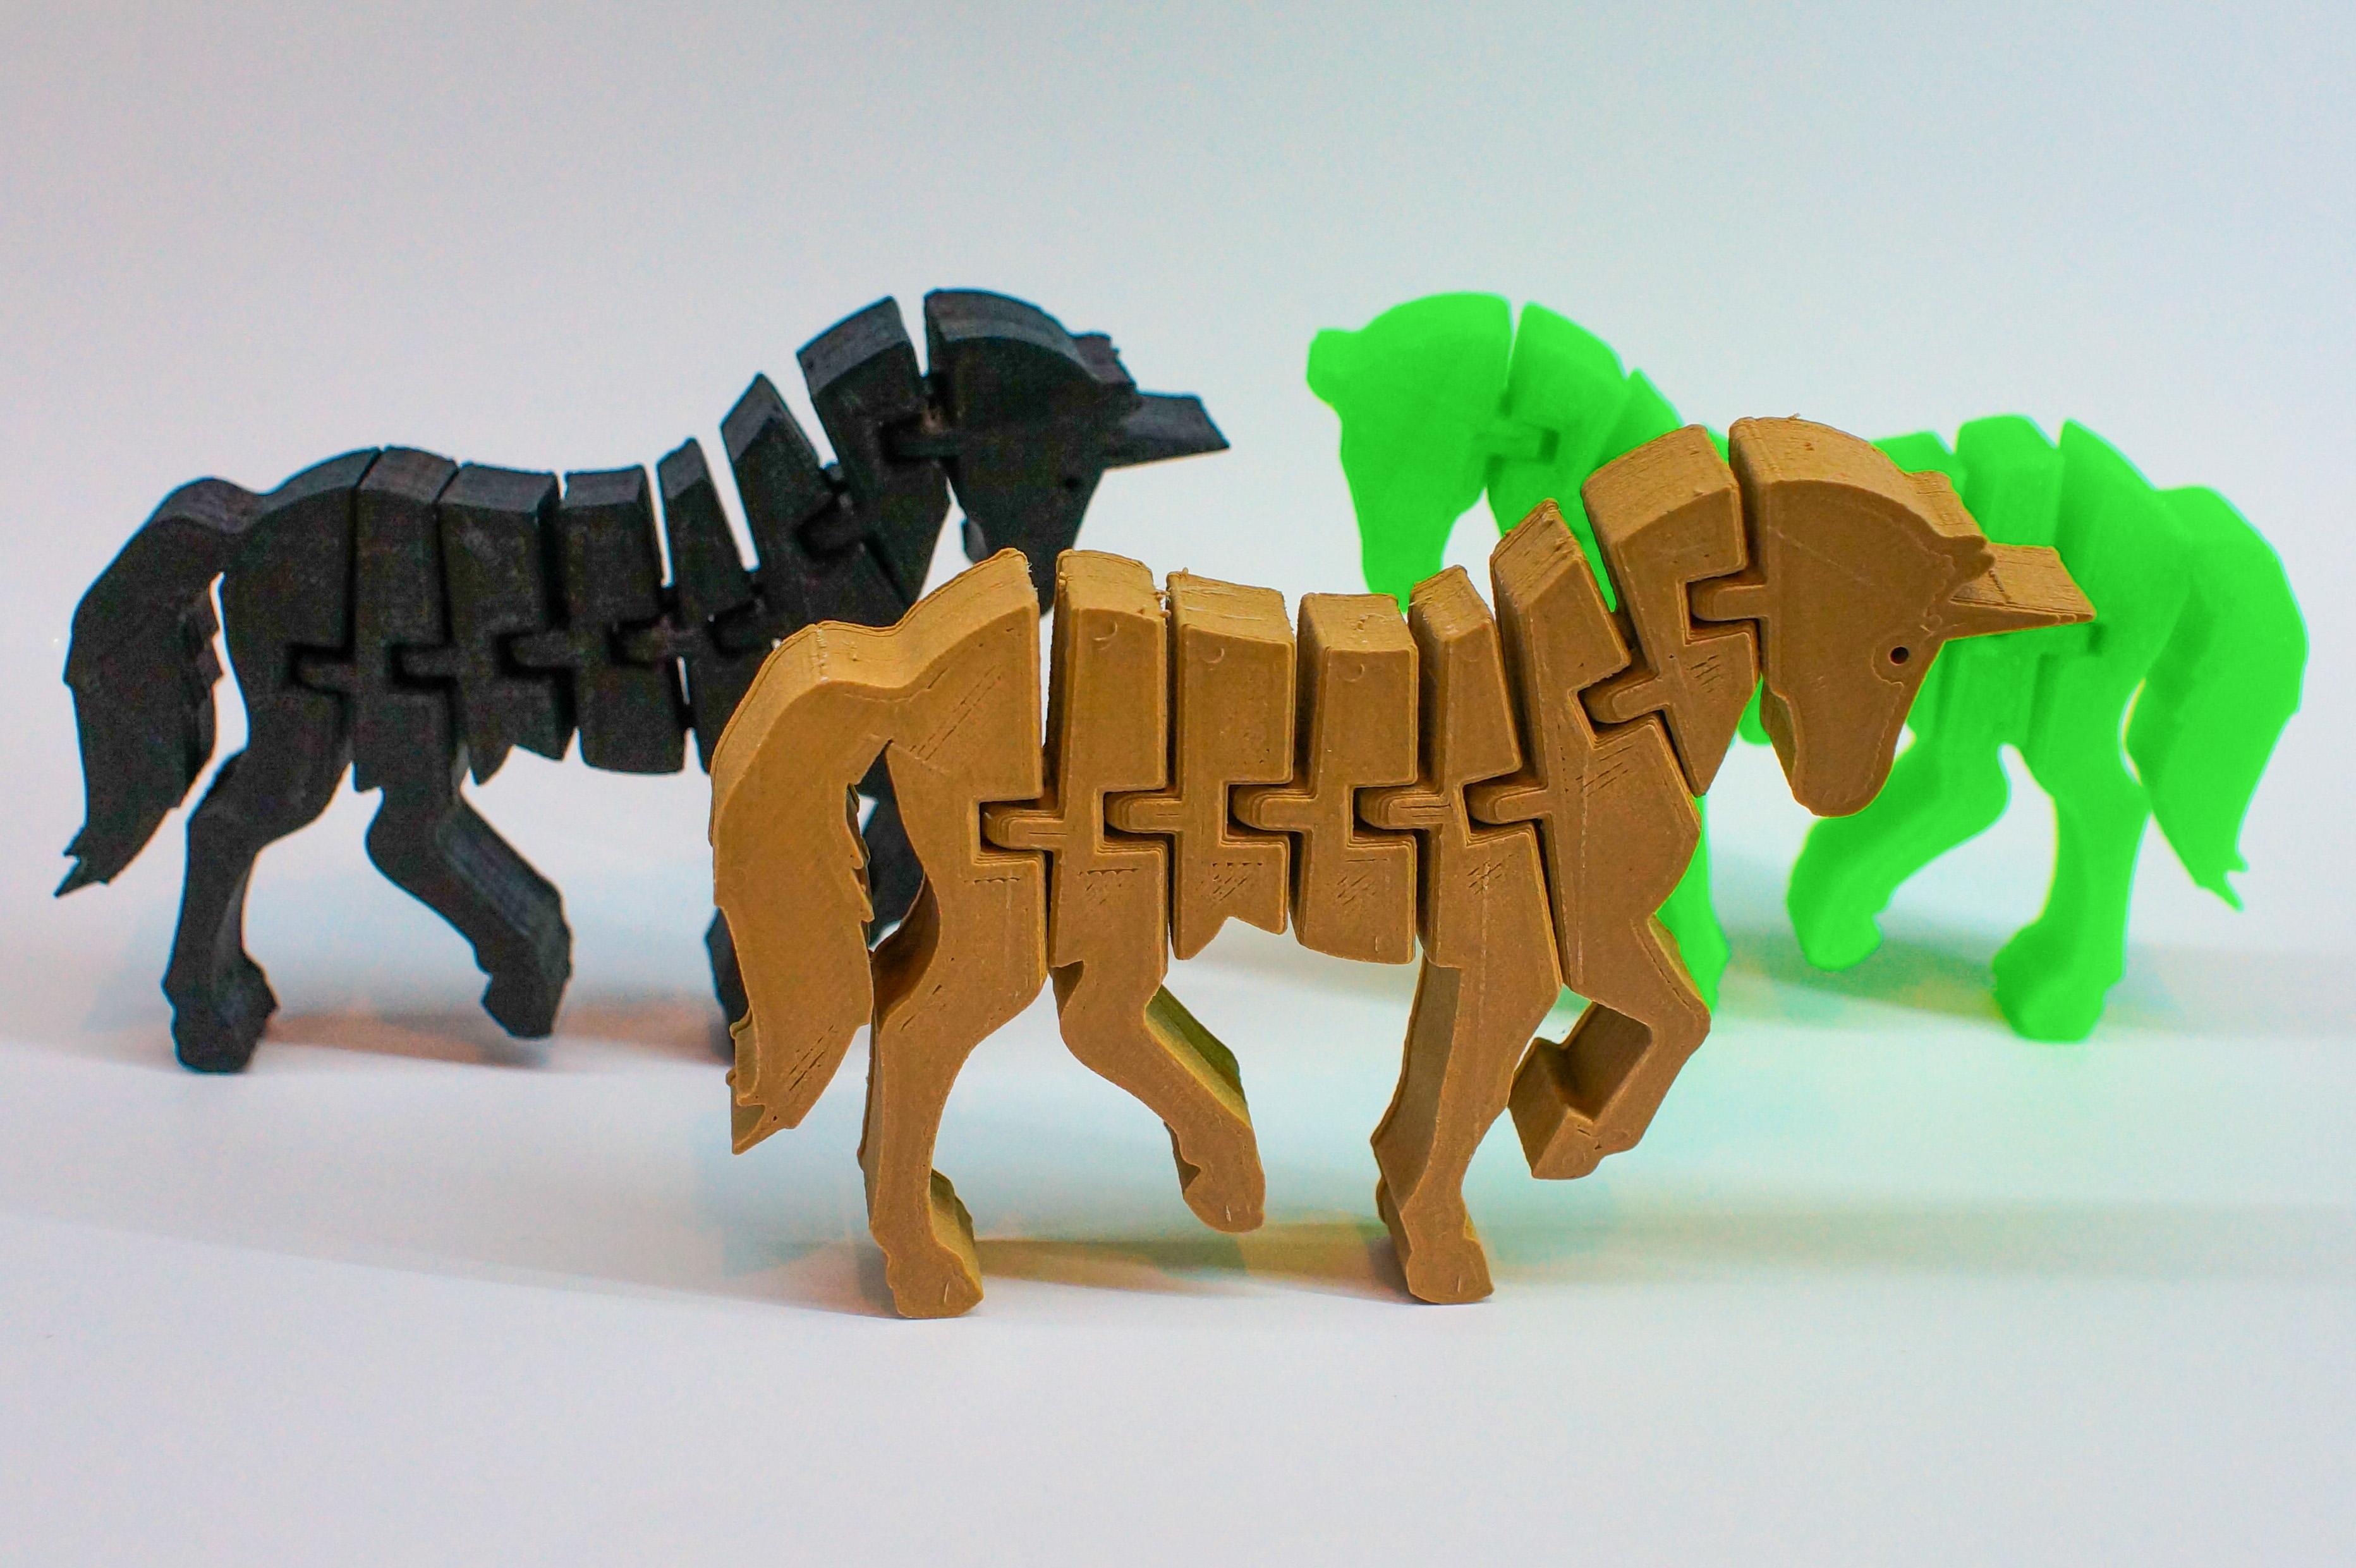 Flexi-Unicorn & Flexi-Horse by Benchy4Life - Thingiverse